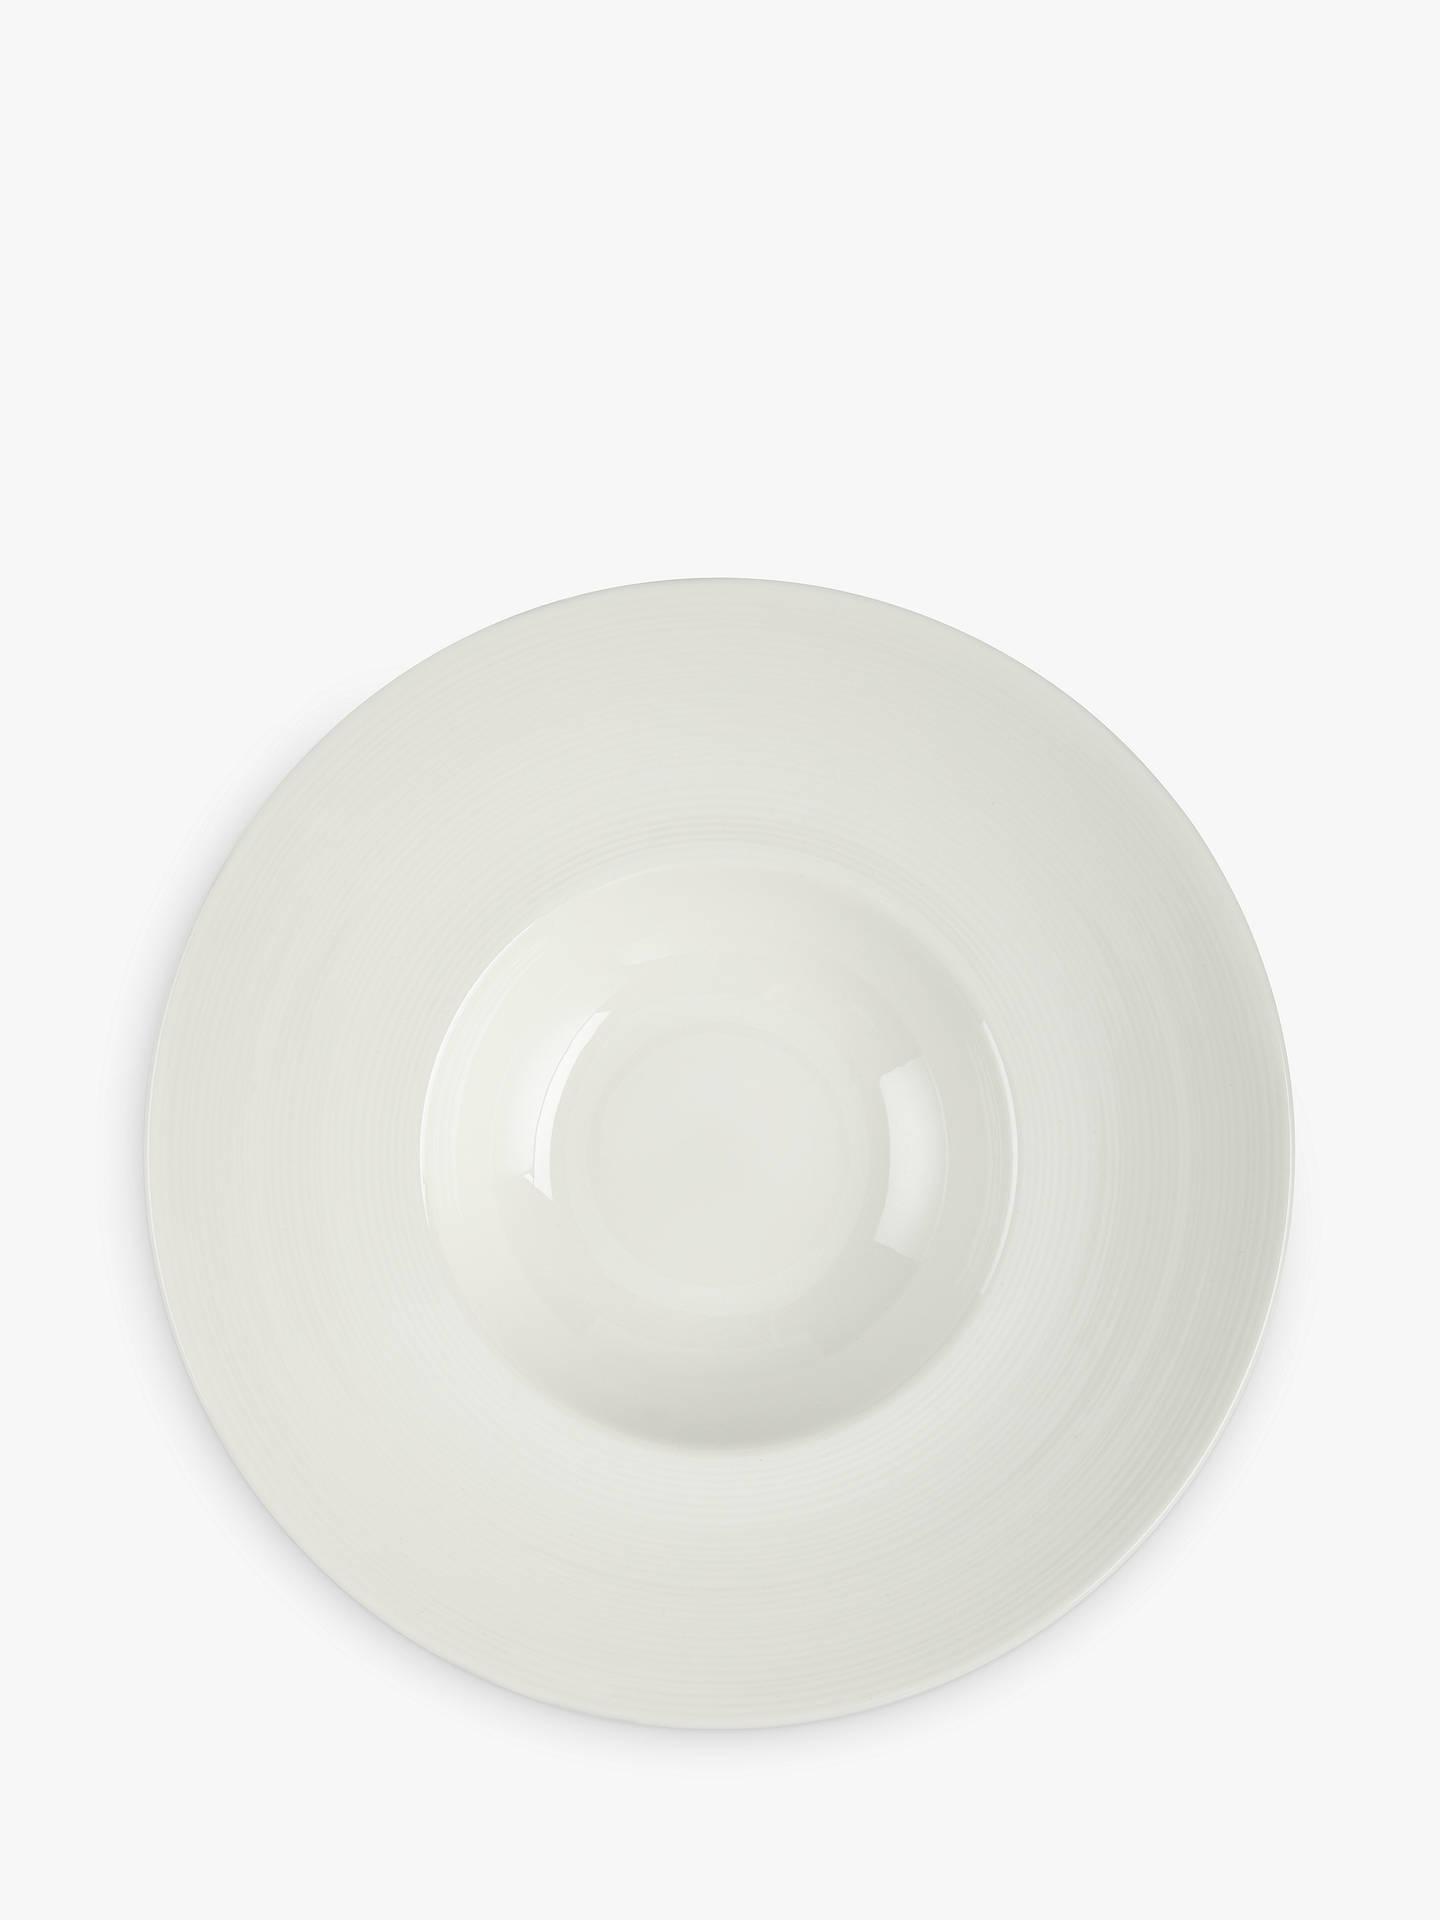 Croft Collection Luna Wide Rim Soup Bowl Natural 28 5cm At John Lewis Partners